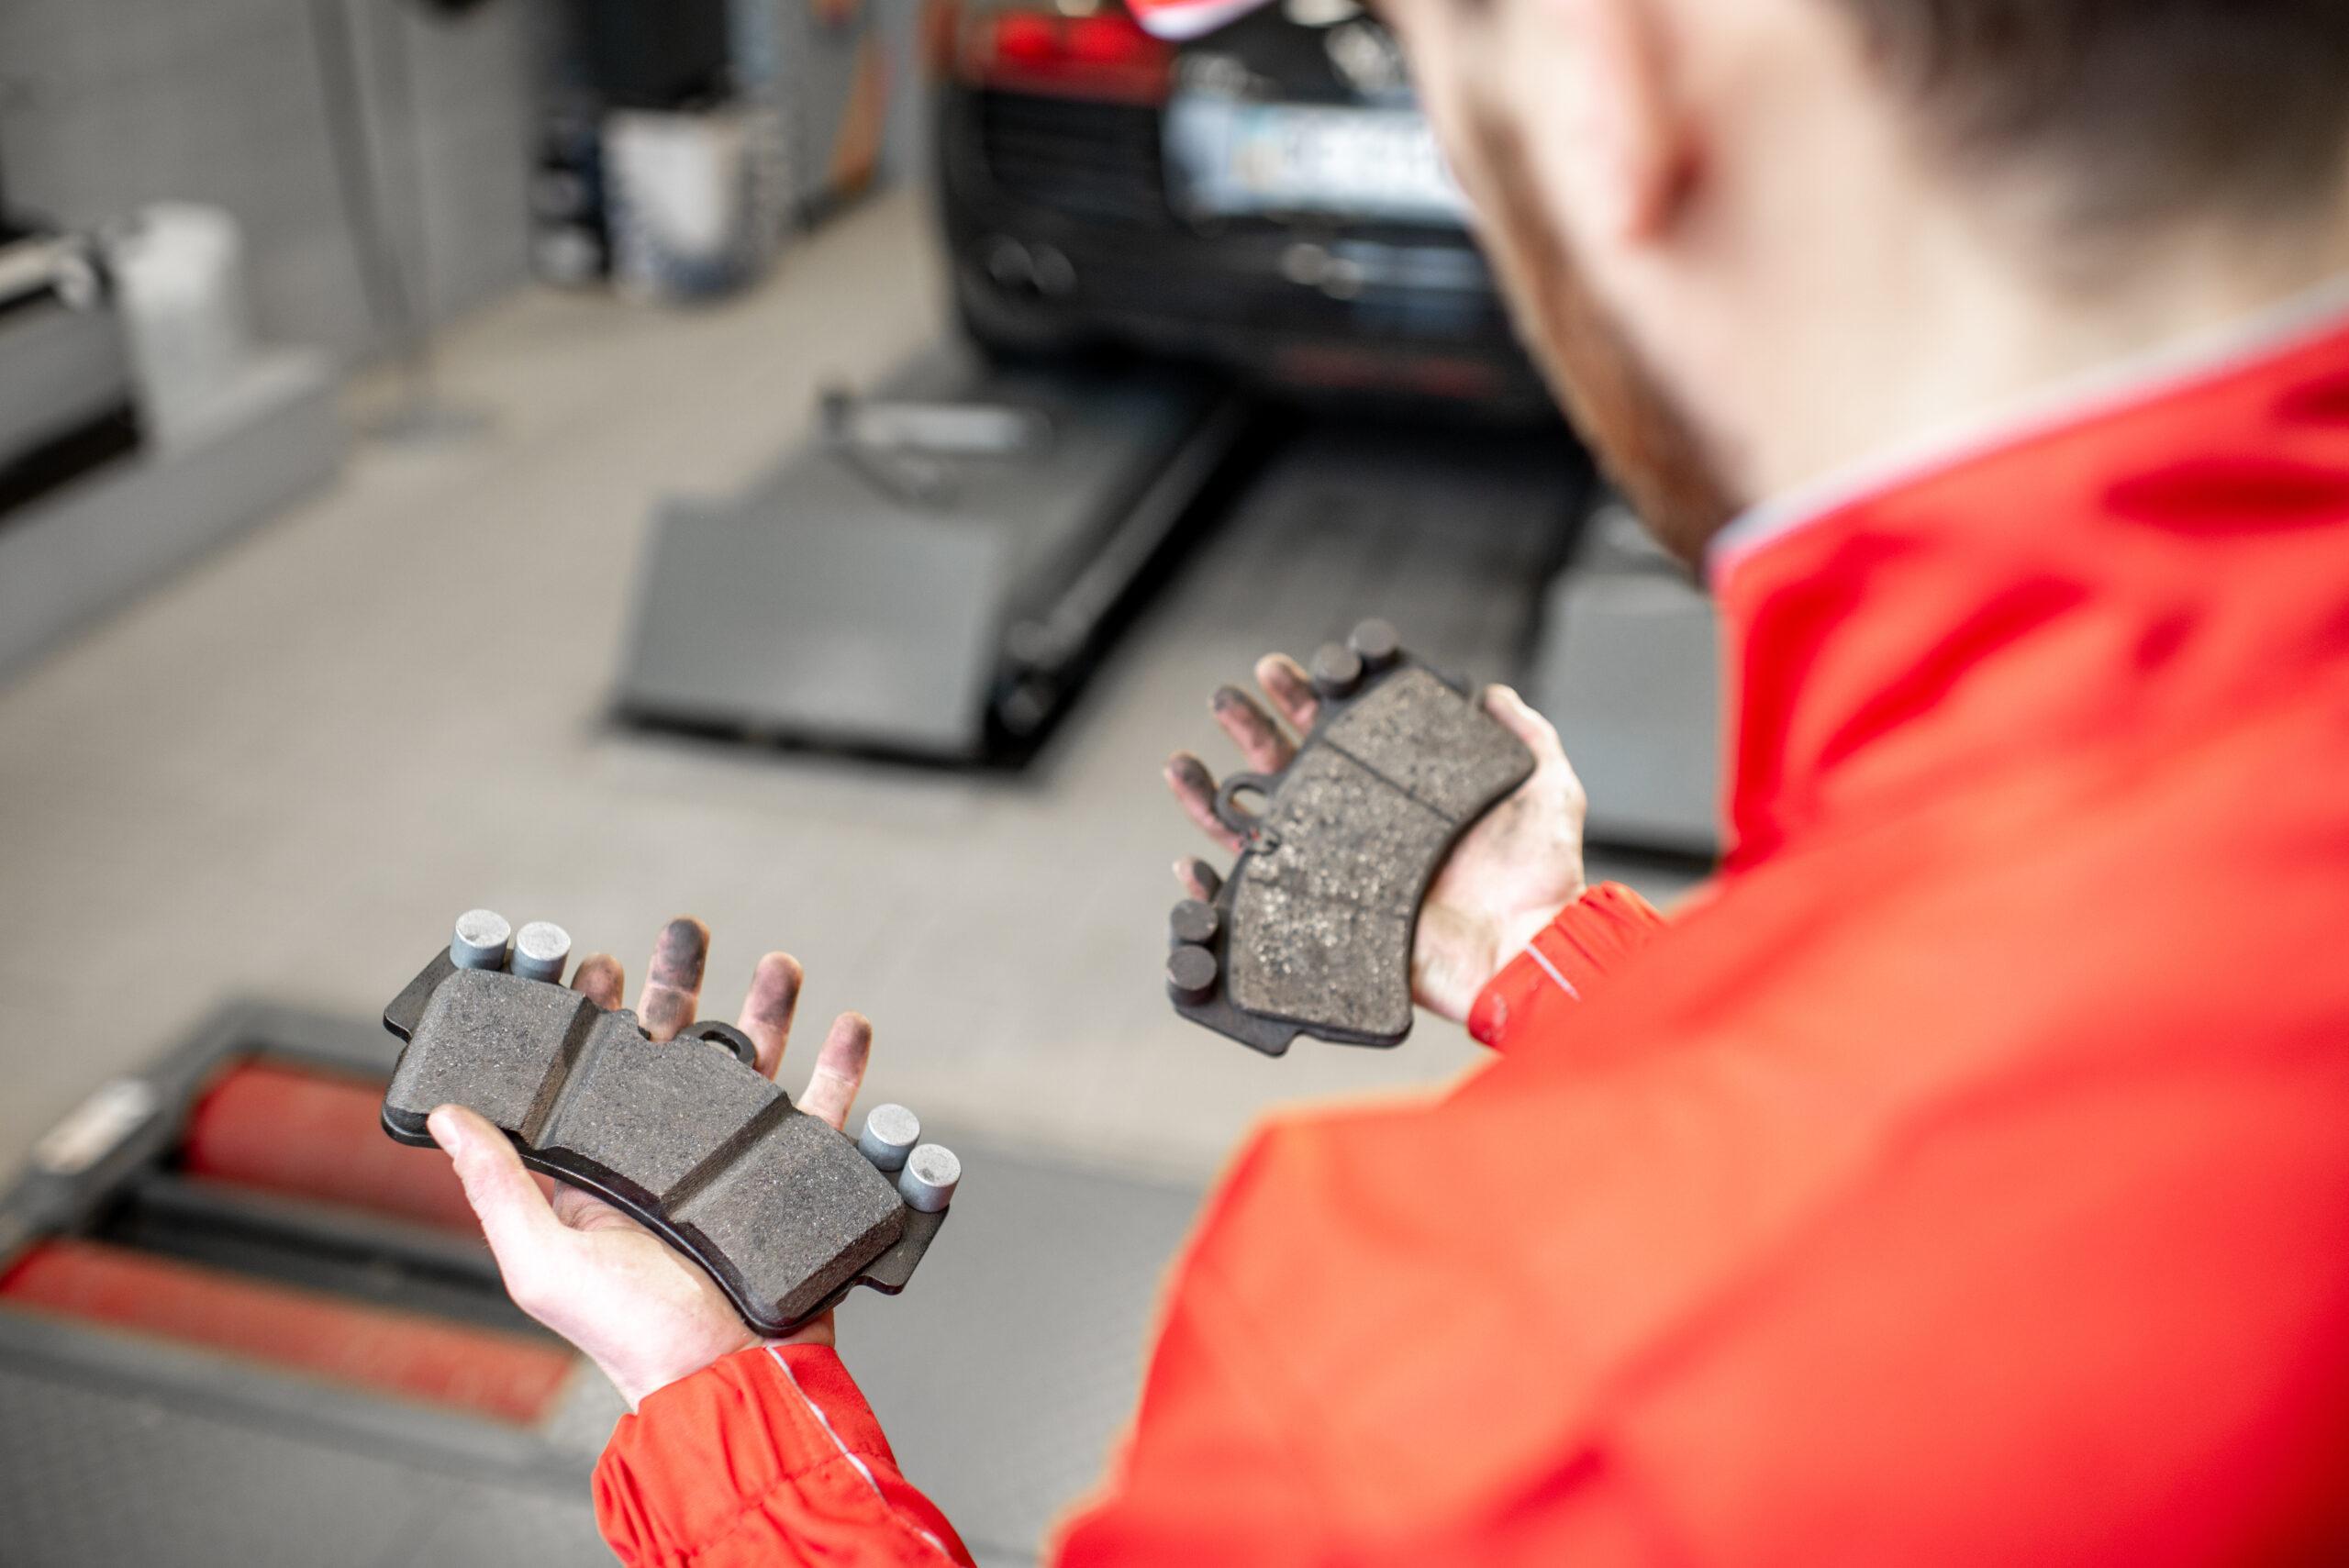 Imagem para ilustrar o texto sobre a manutenção dos freios